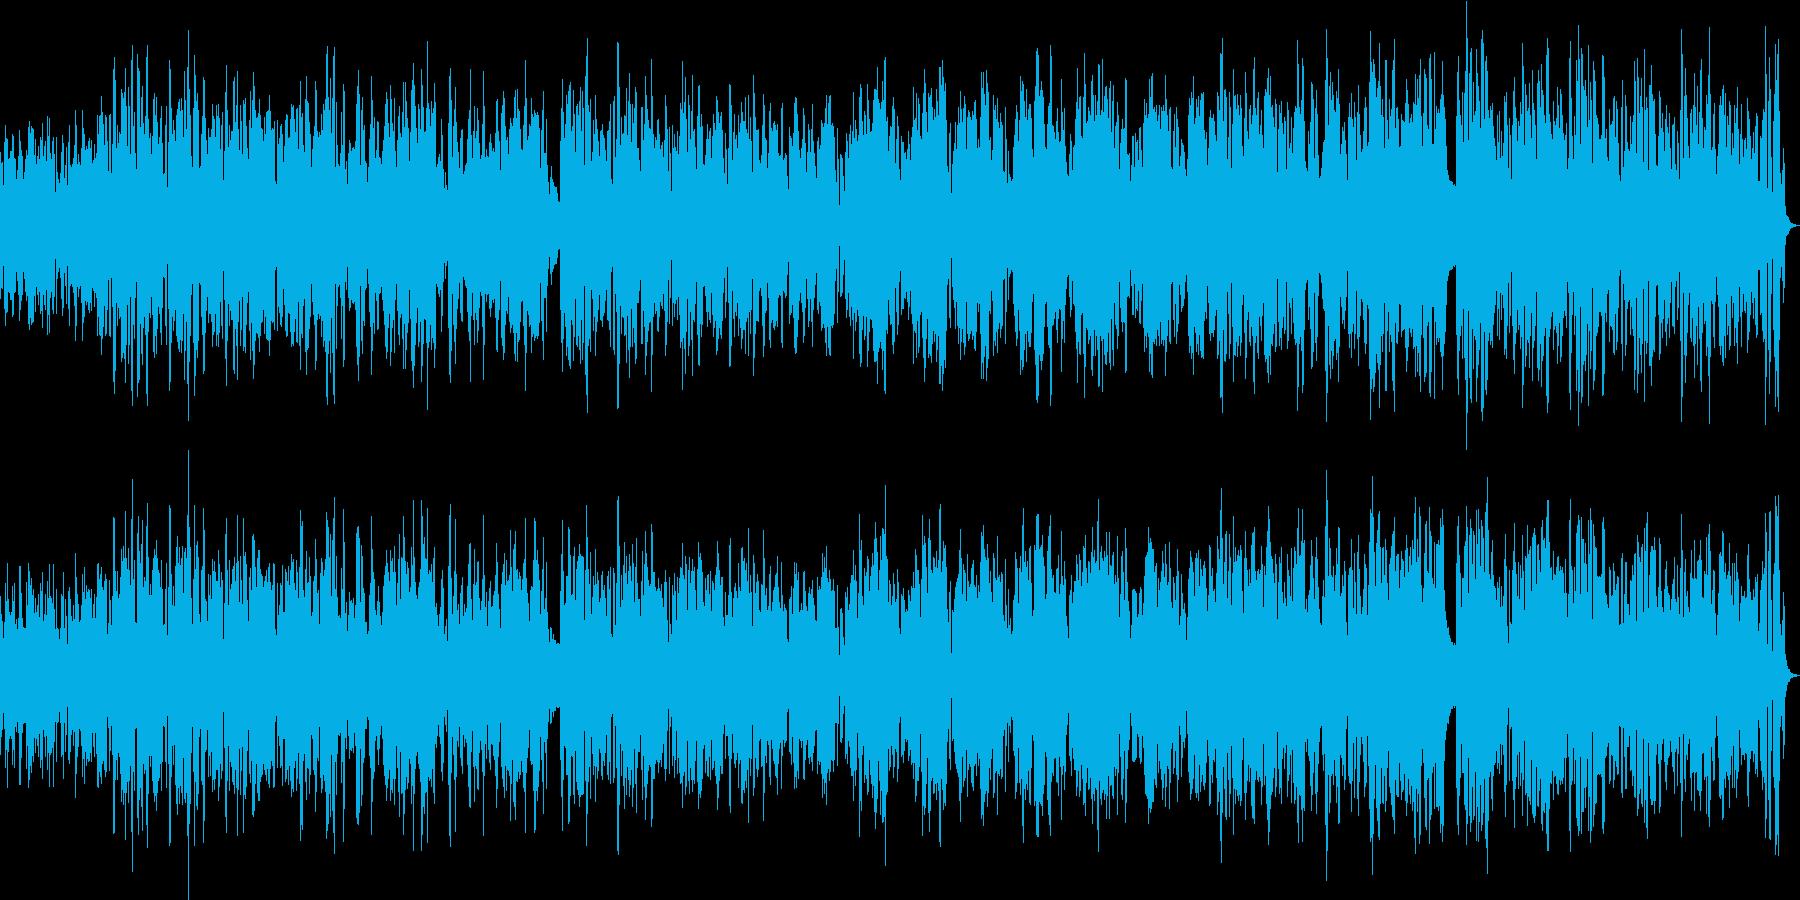 バンドネオン・ギター・ベースのボサノバの再生済みの波形